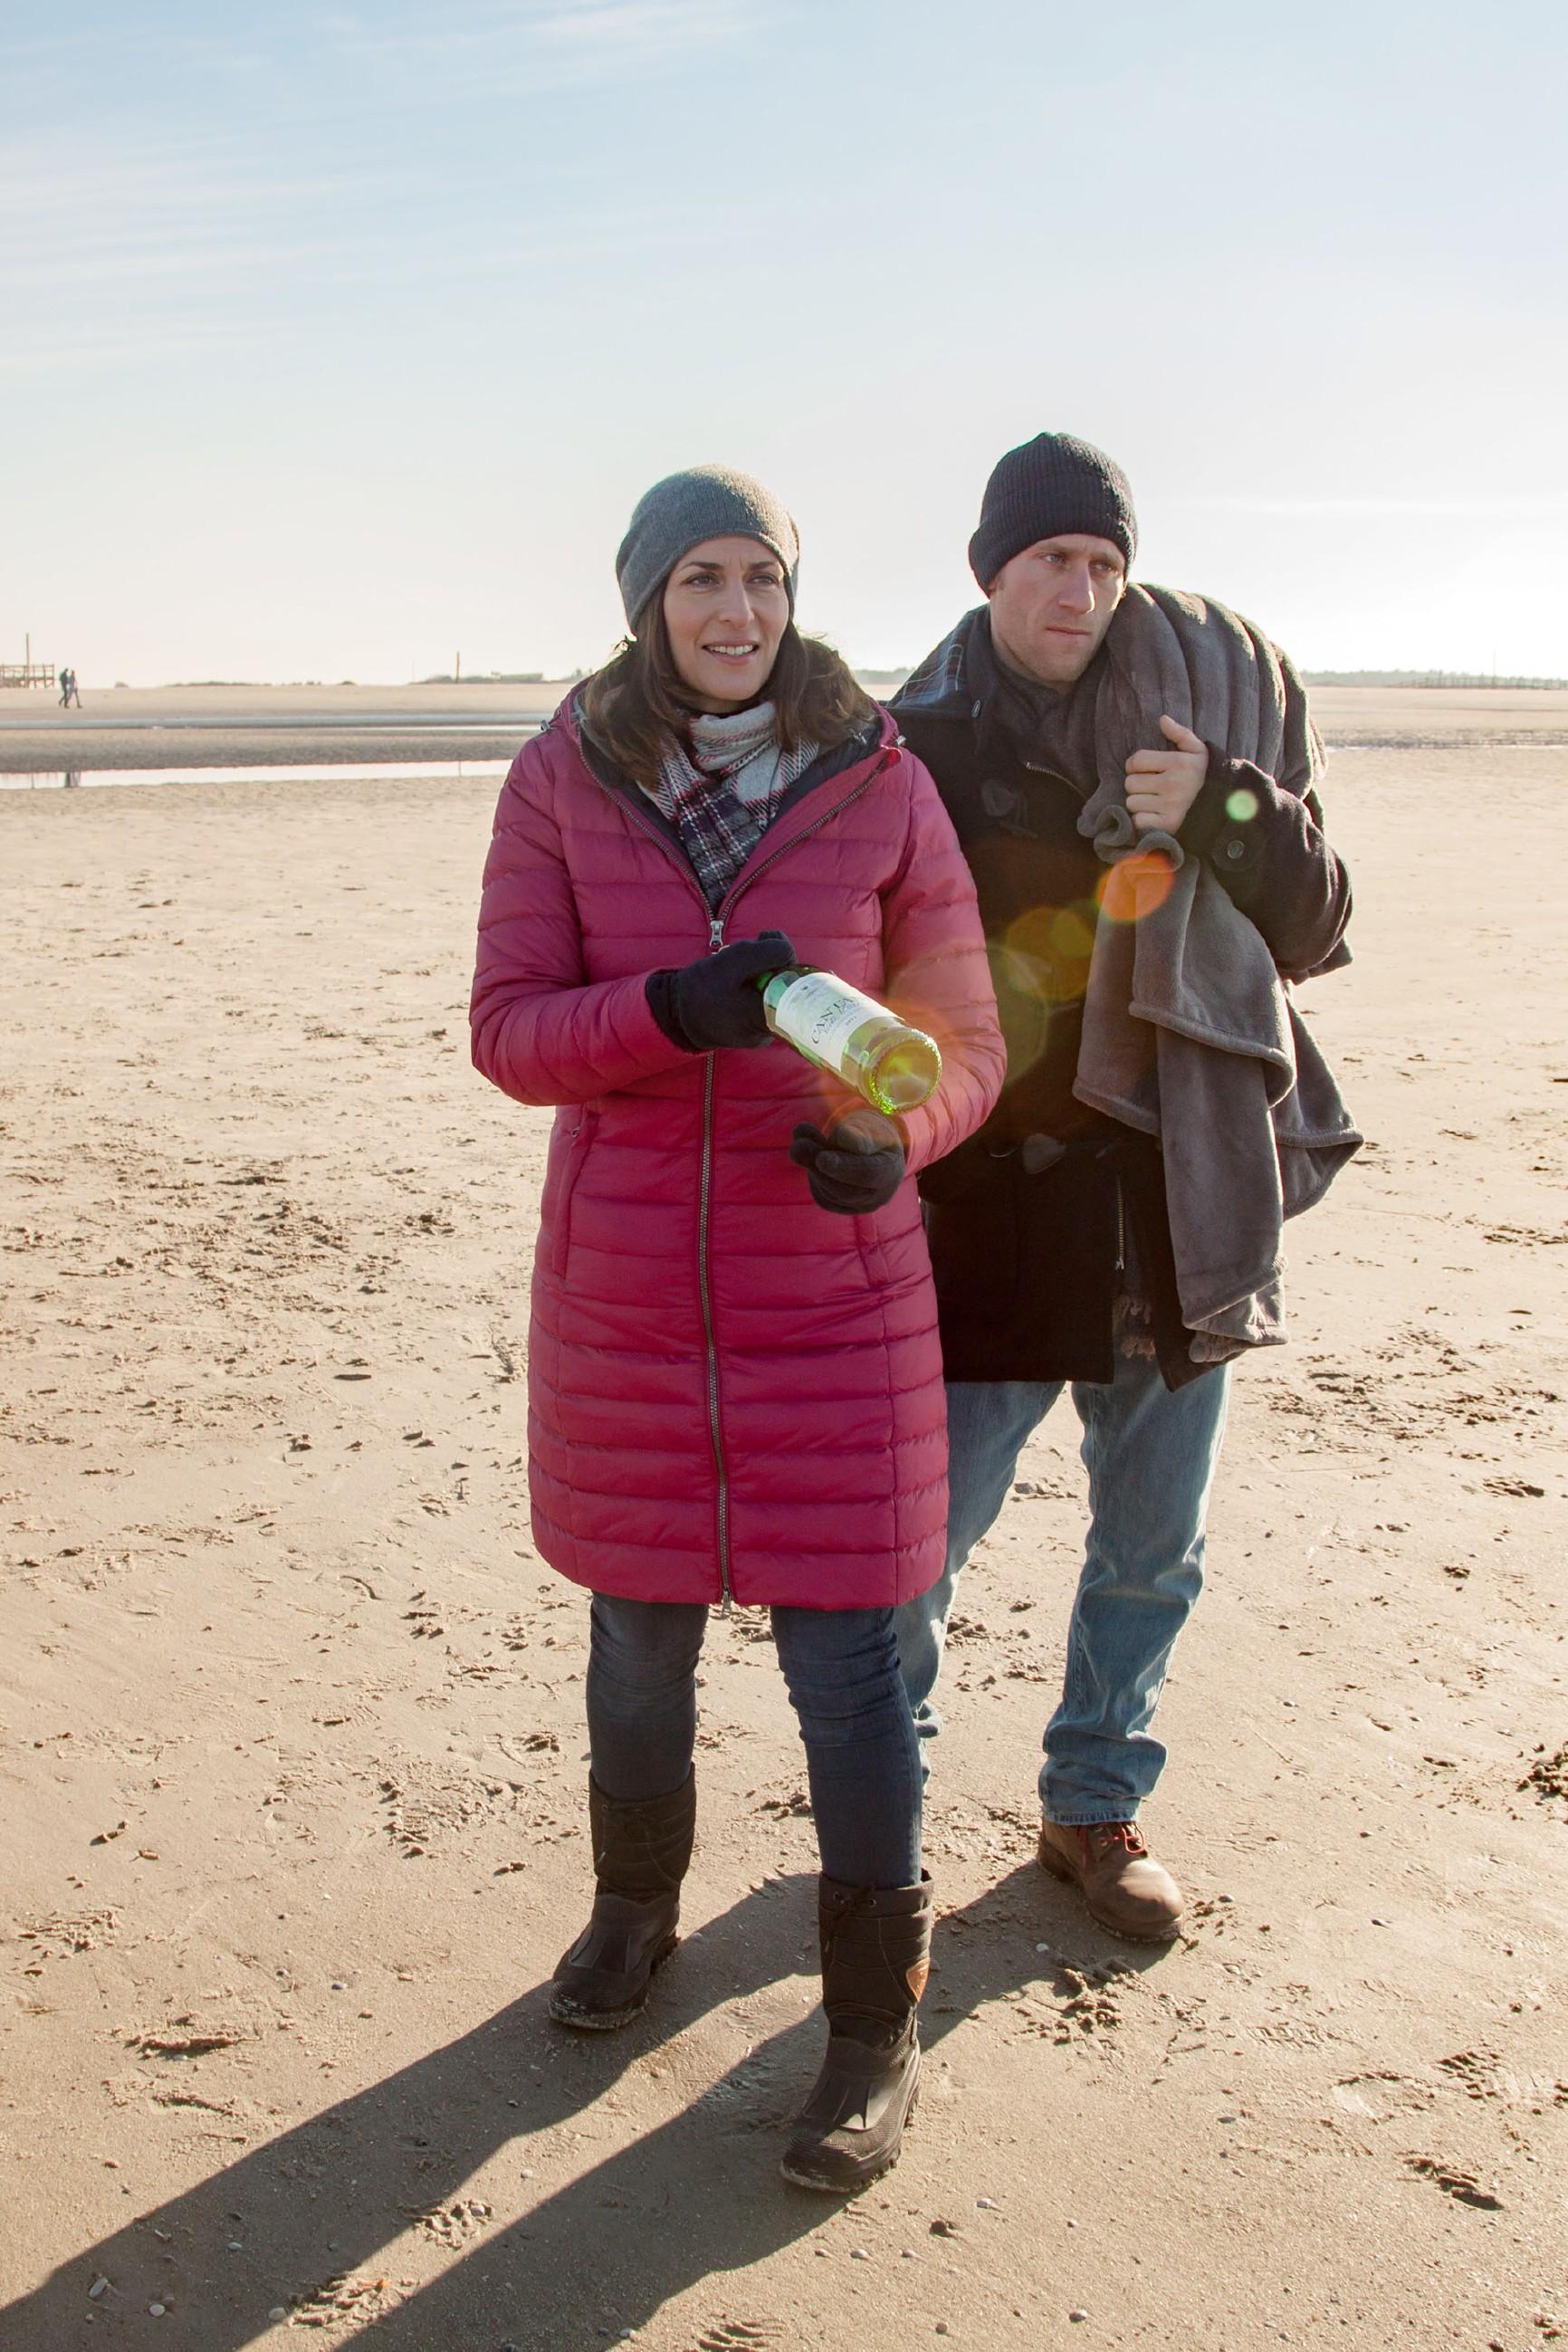 Katrin (Ulrike Frank) und Till (Merlin Leonhardt) genießen die gemeinsame Zeit am Meer und finden am Strand eine alte Flaschenpost.